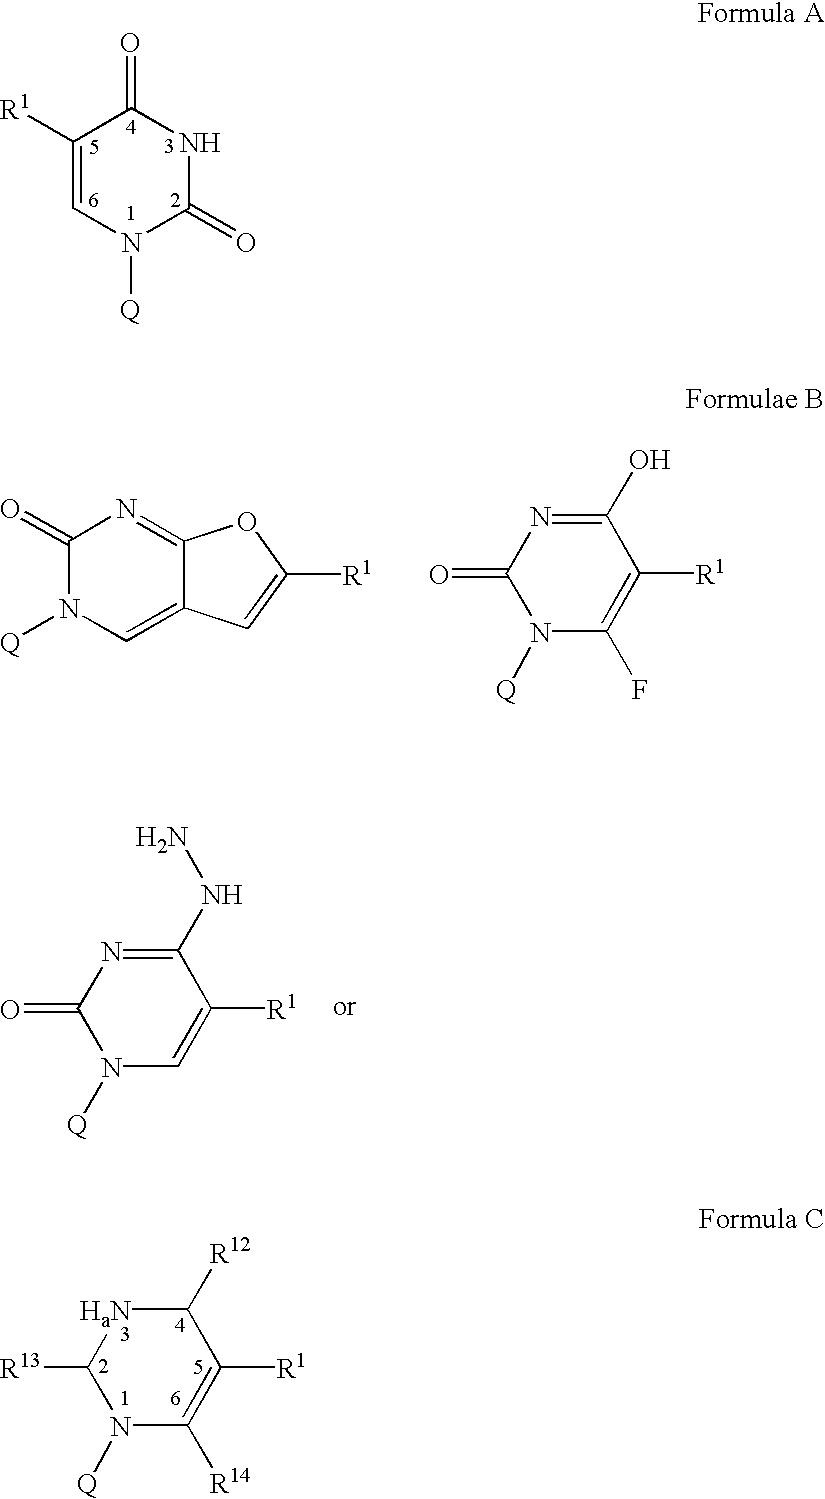 Figure US20030109697A1-20030612-C00001